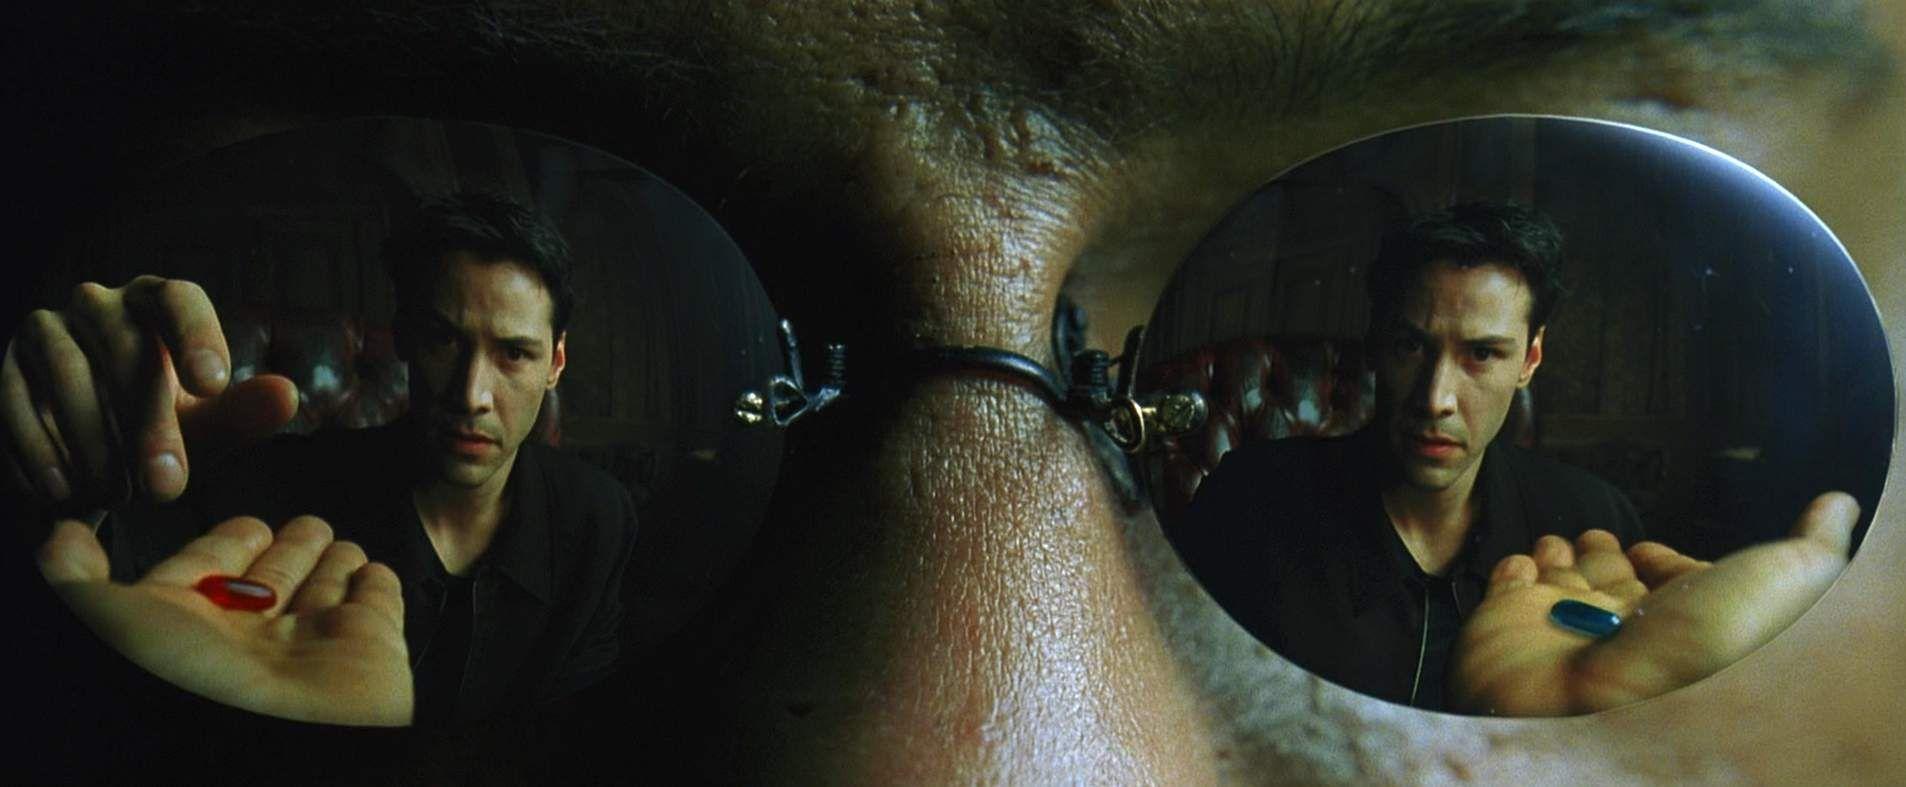 Perché Matrix, oltre a essere un capolavoro, è stato il primo colossal a celebrare l'integrazione